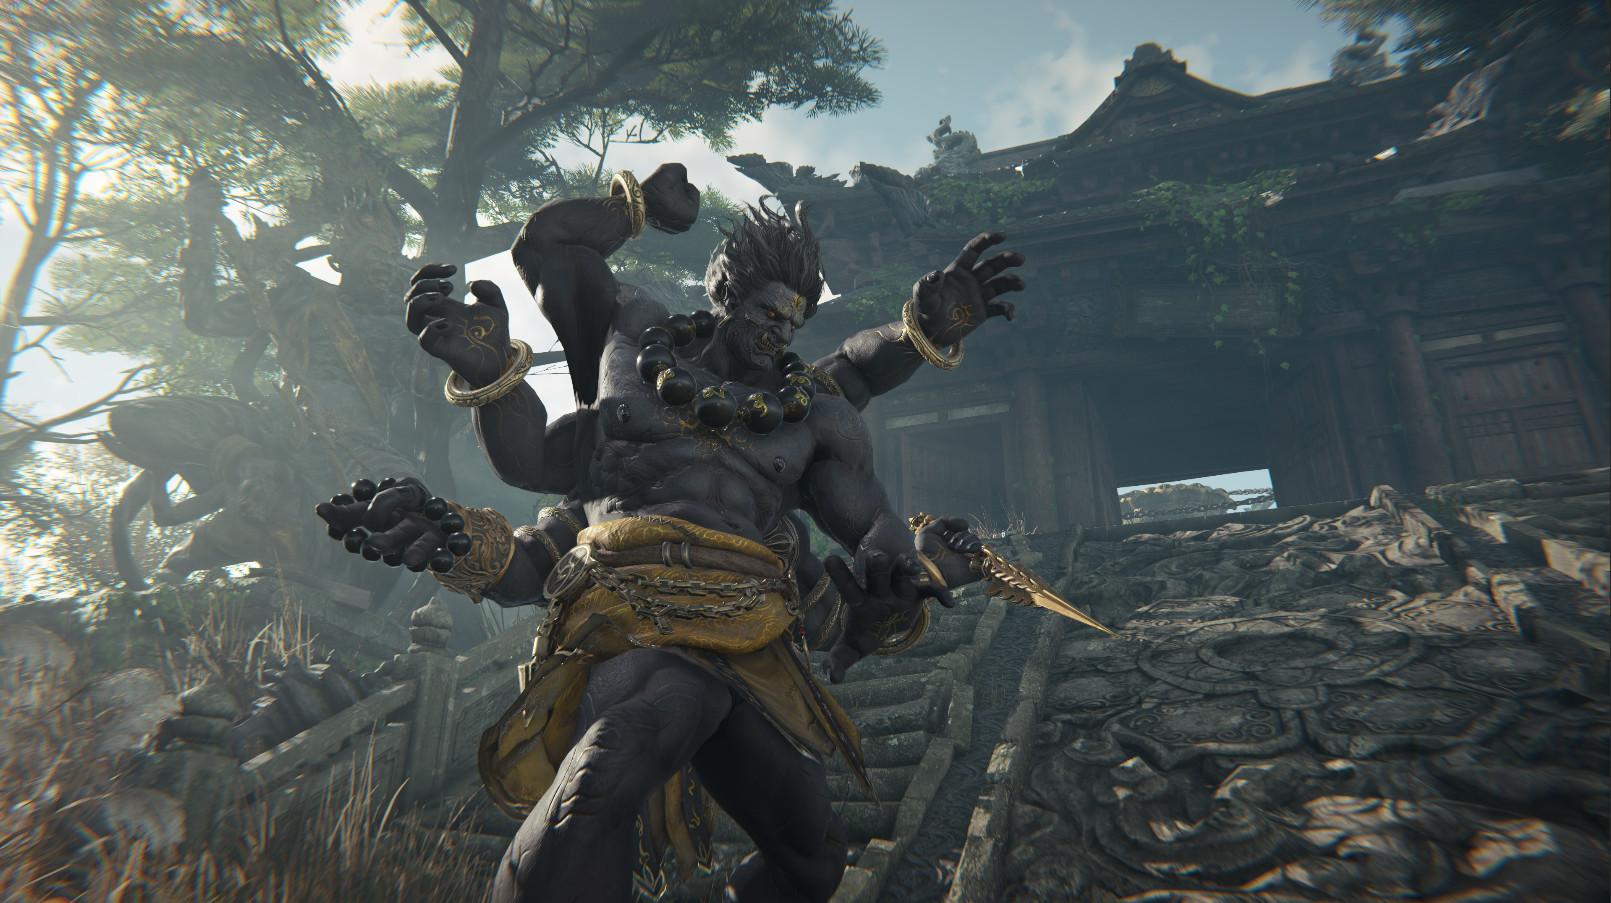 E3 може да приключи, но летните гейм удоволствия продължават. Вчера